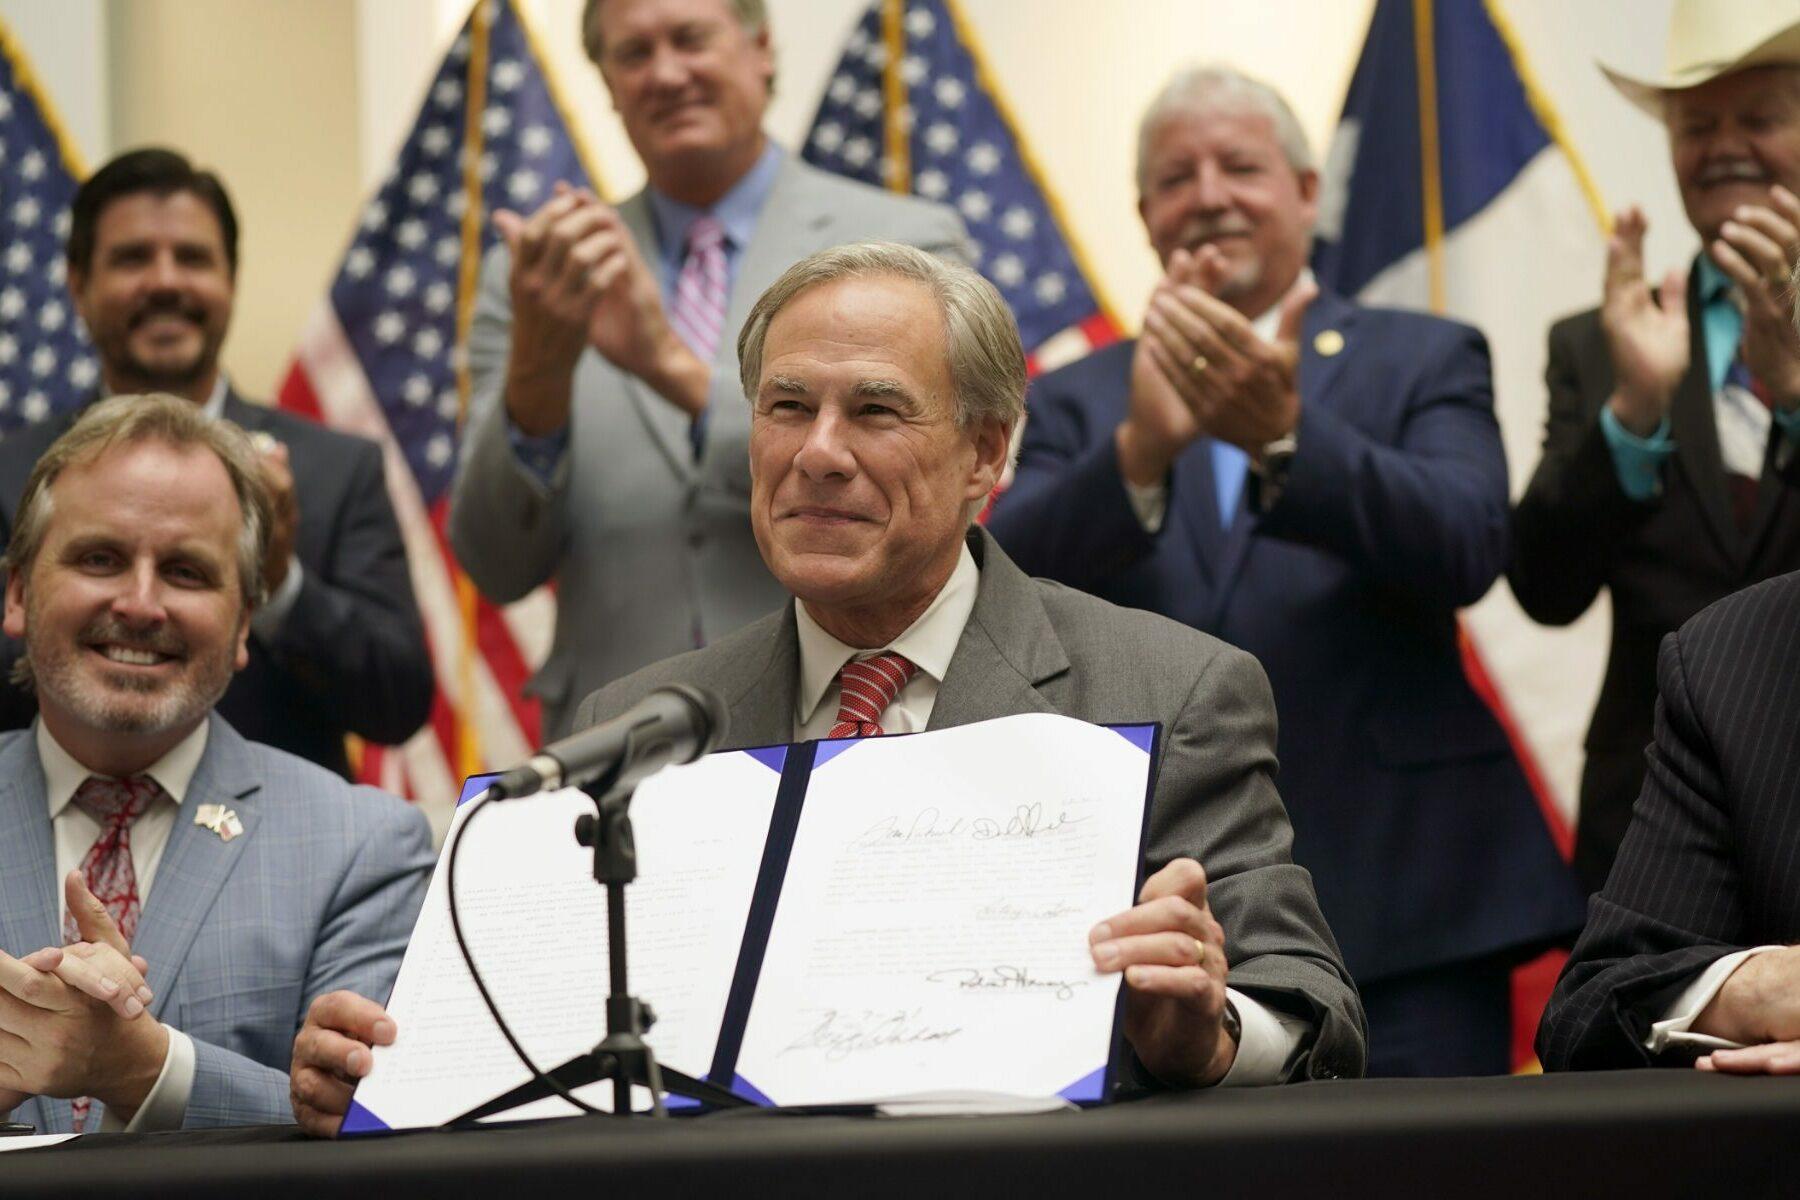 Texas Gov. Greg Abbott signs a bill